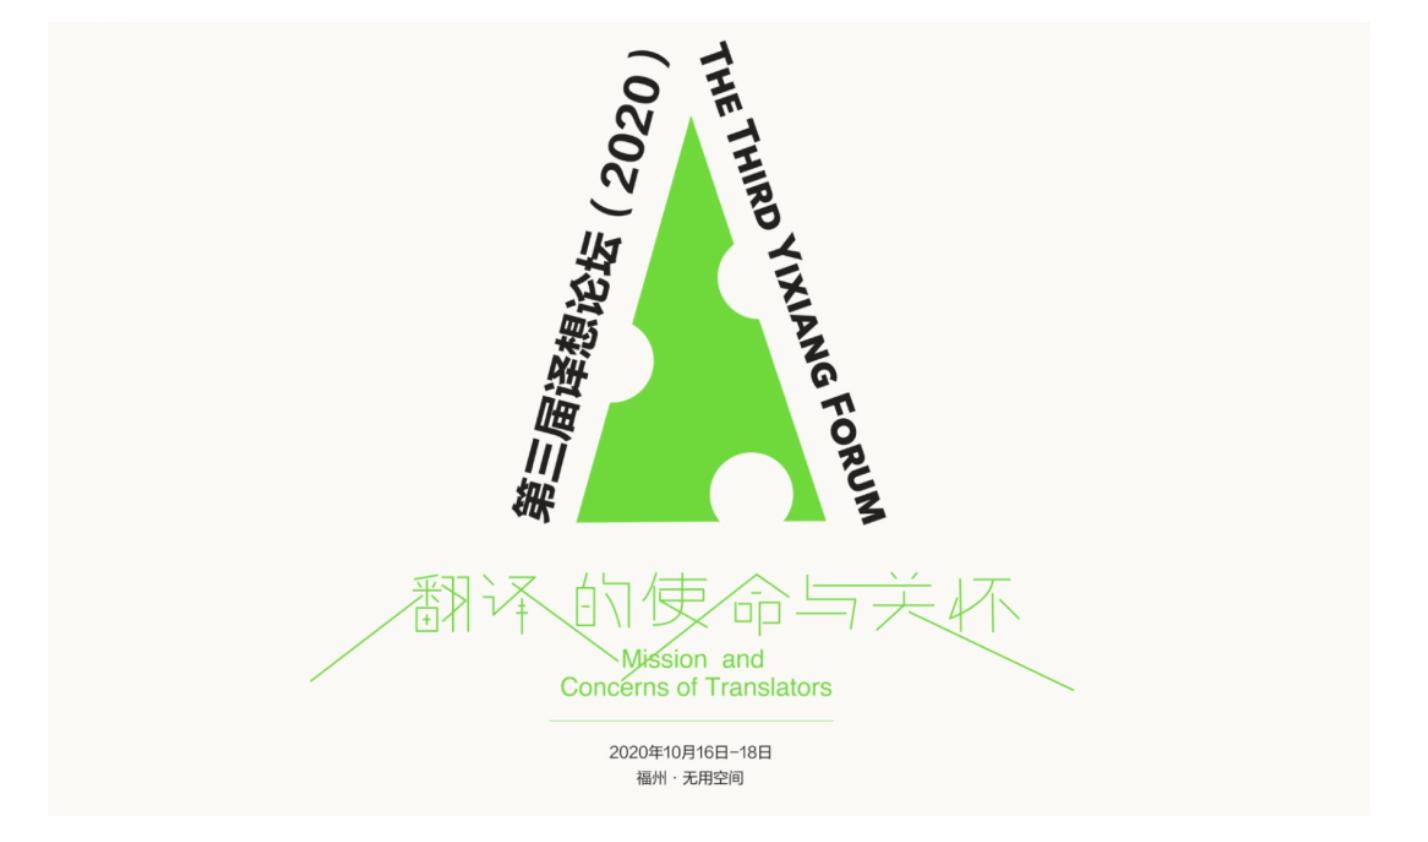 第三届译想论坛:翻译的使命与关怀